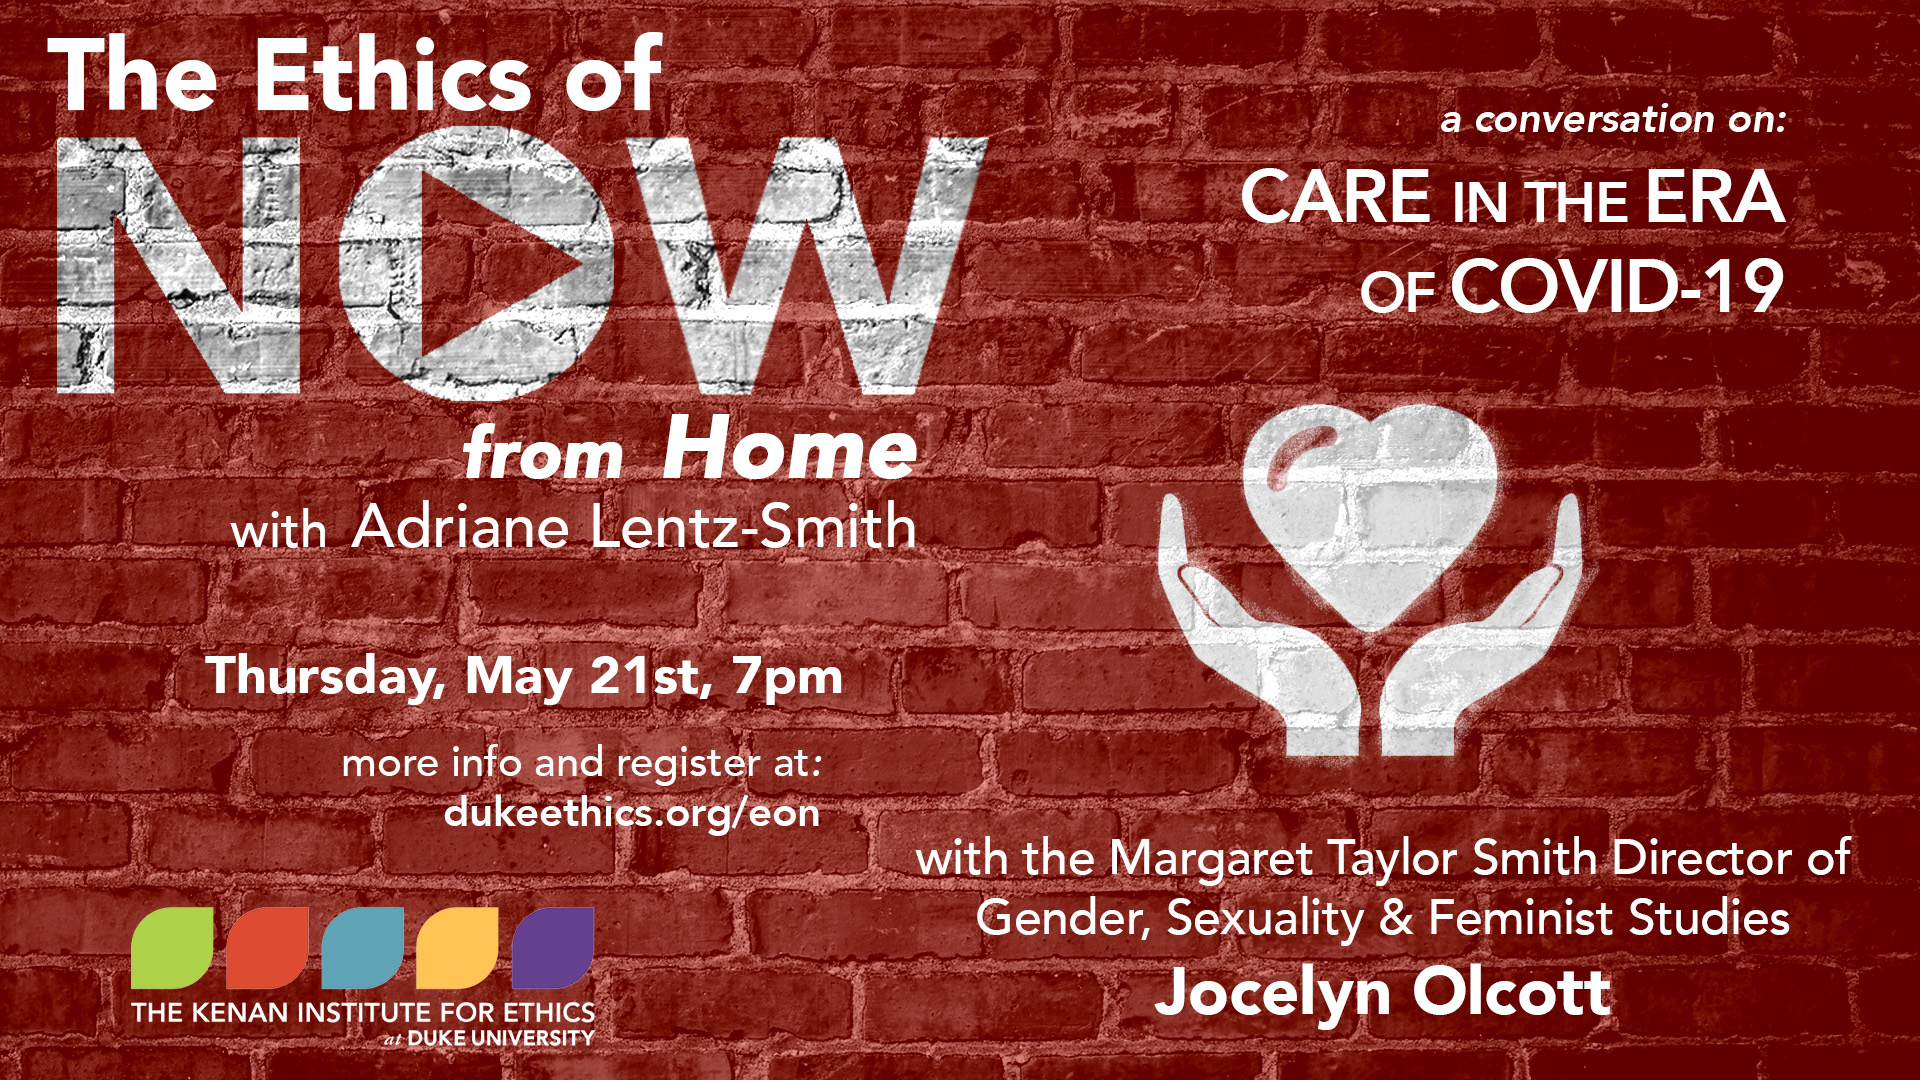 ethics of now Jocelyn Olcott